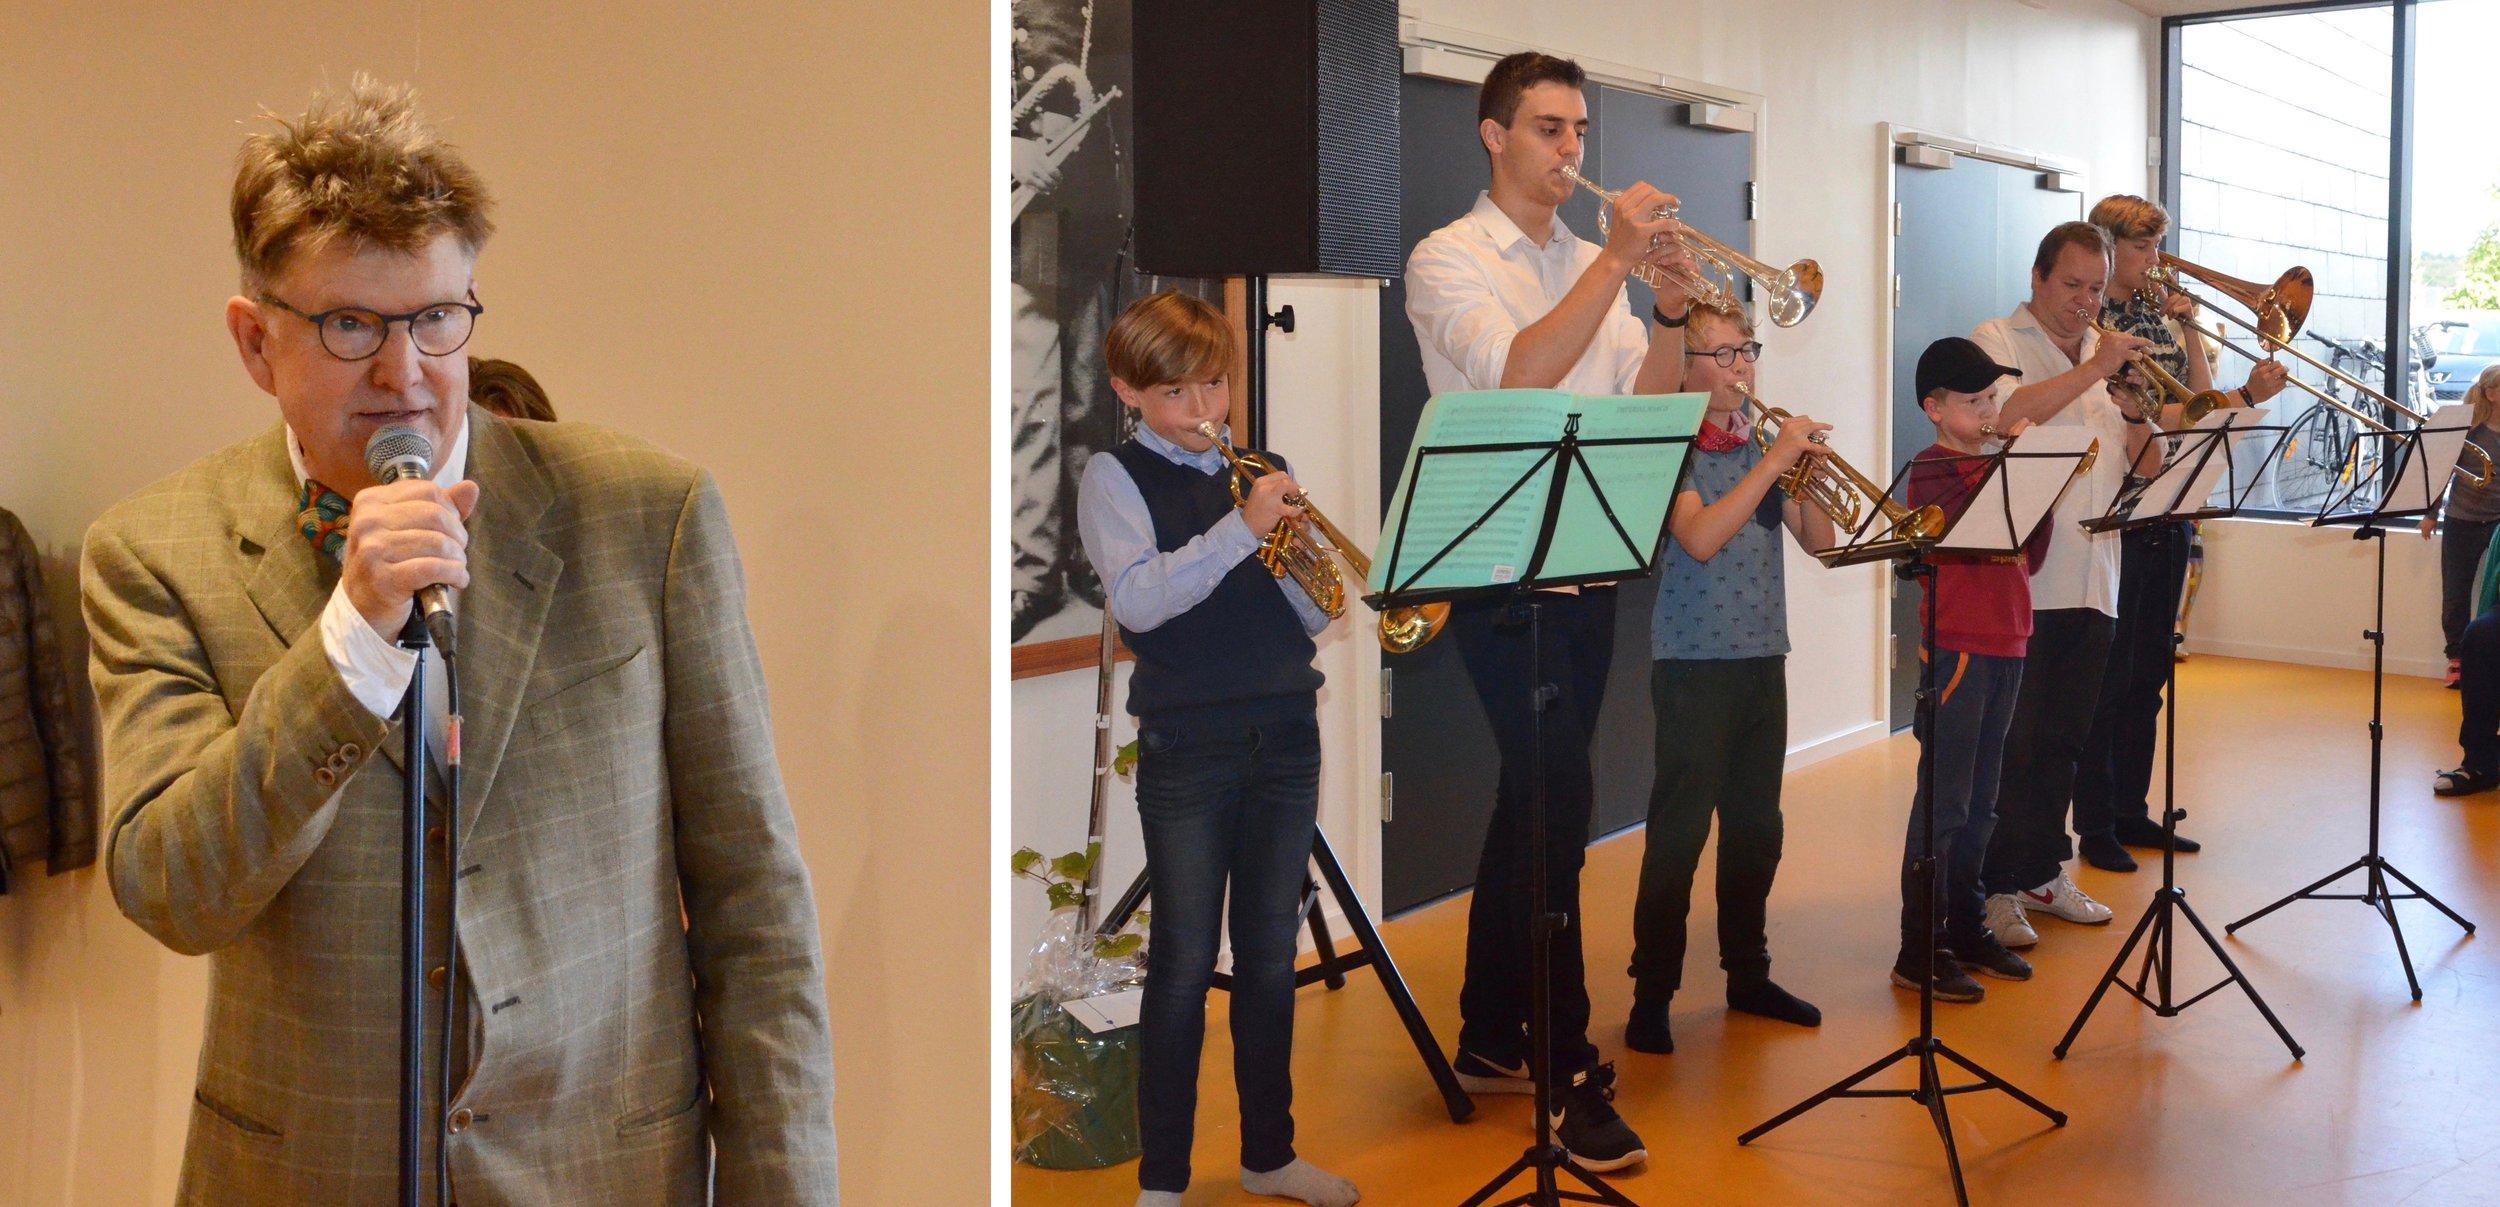 Musikskoleleder Lars Peter Nielsen bød velkommen, hvorefter messingblæsere gav en festlig fanfare.  Foto: AOB